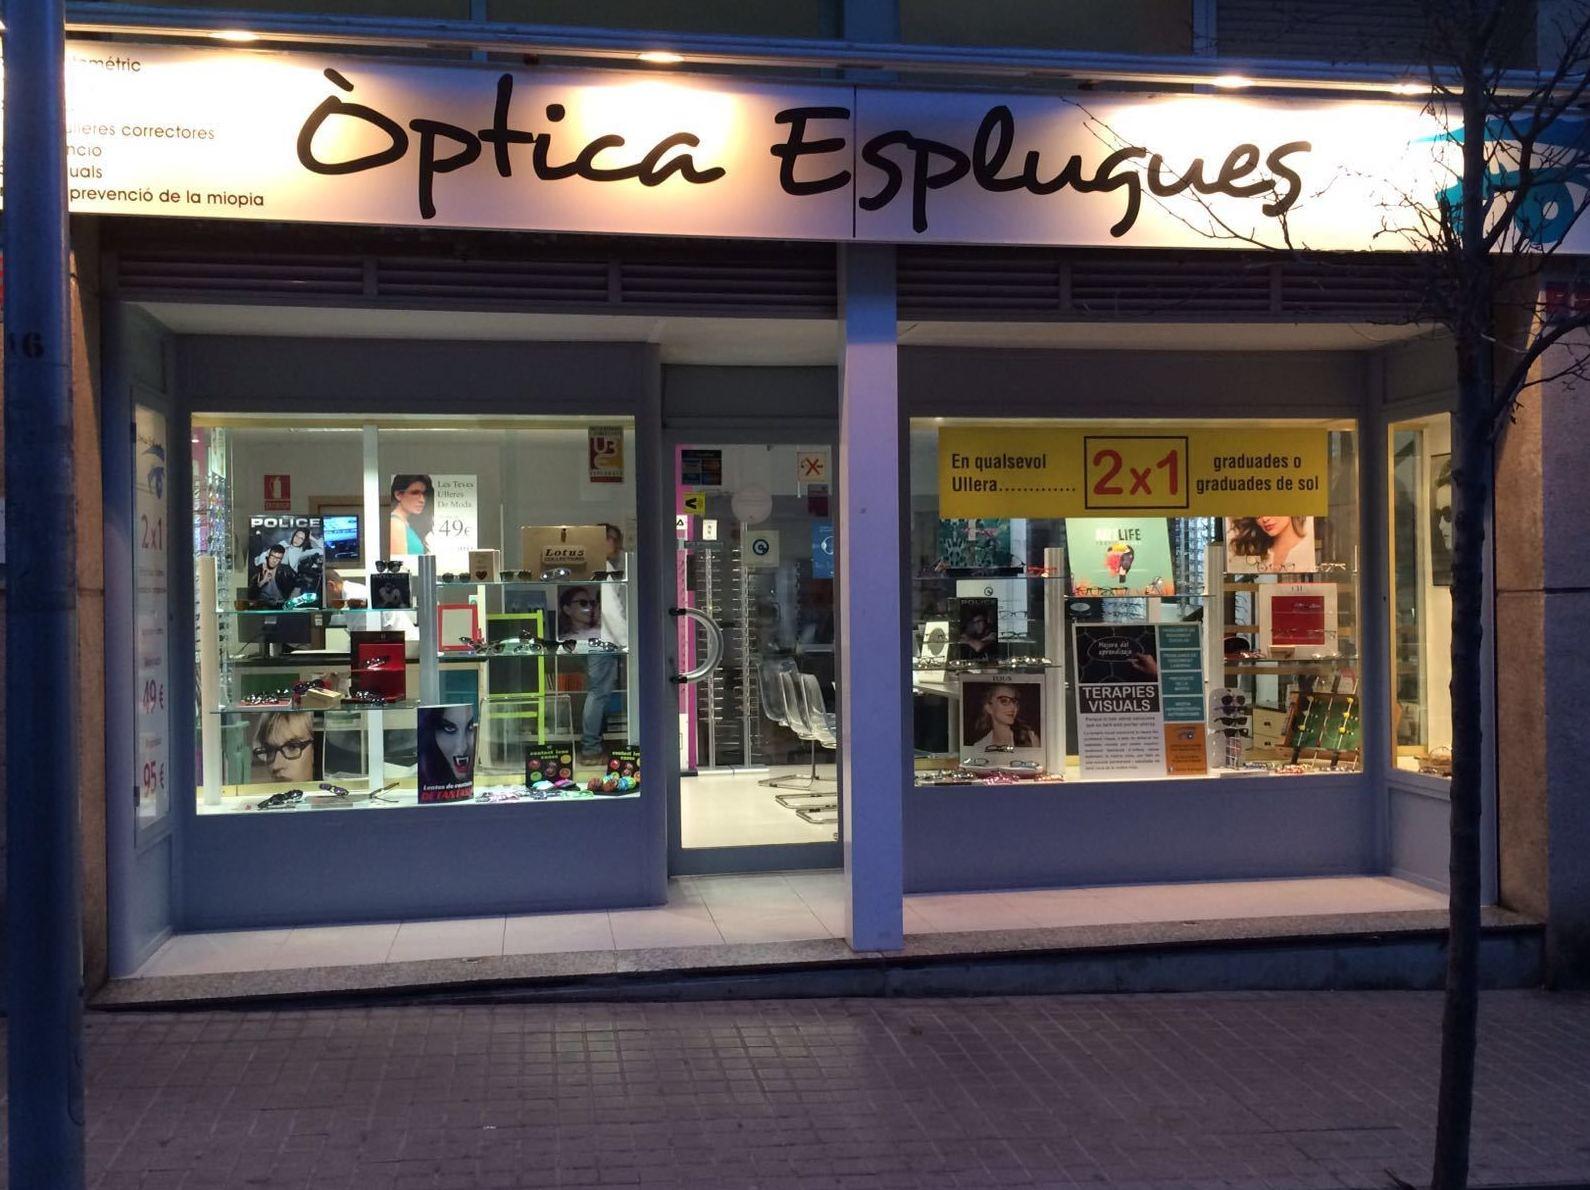 Ofertas en gafas graduadas en Esplugues de Llobregat, Barcelona